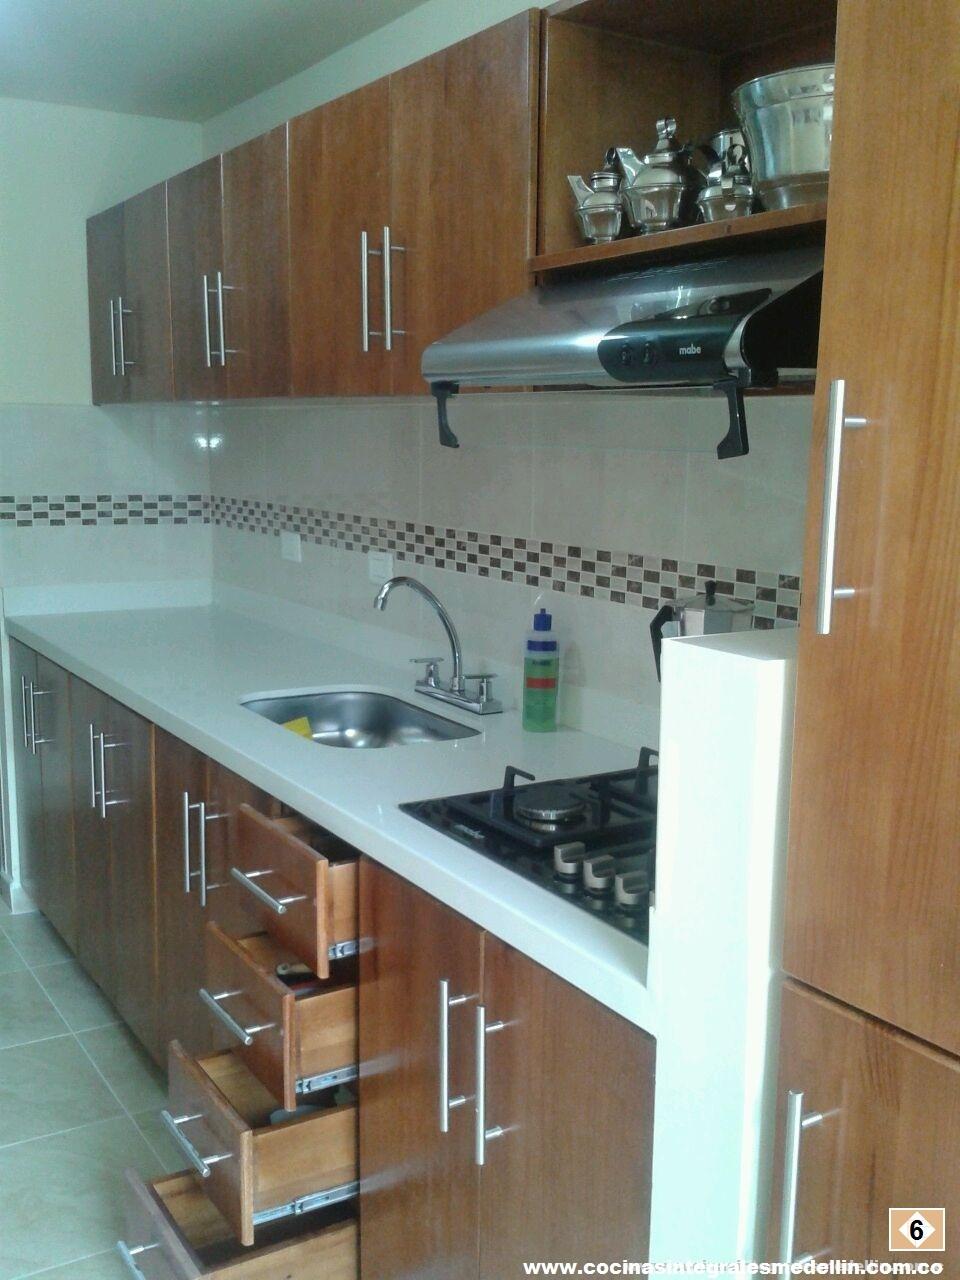 cocinas integrales medellin colombia cocinas integrales